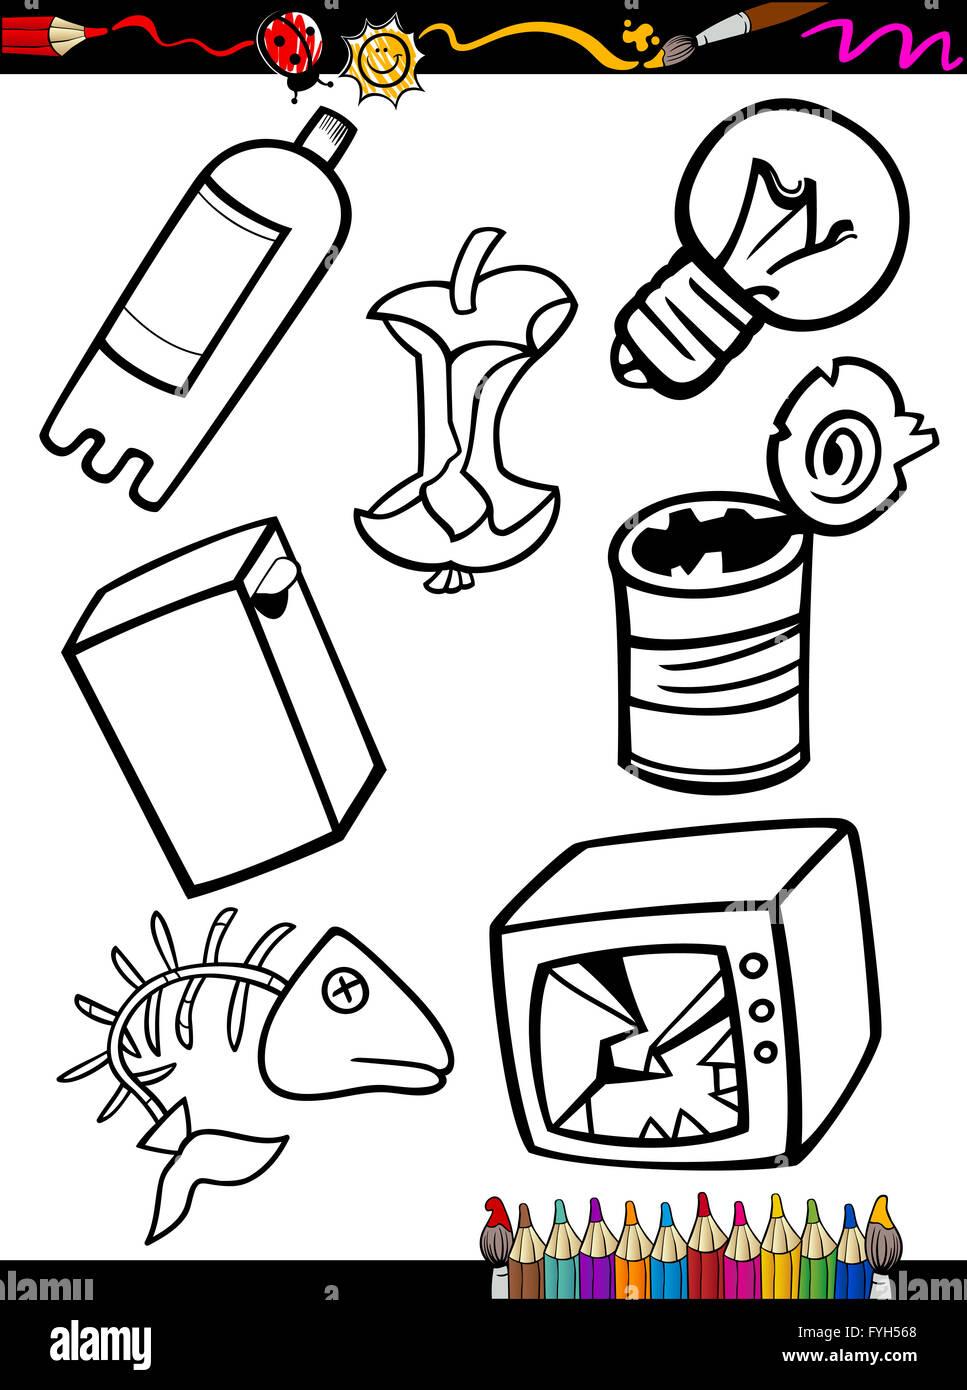 Pagina Para Colorear Objetos Basura De Dibujos Animados Foto